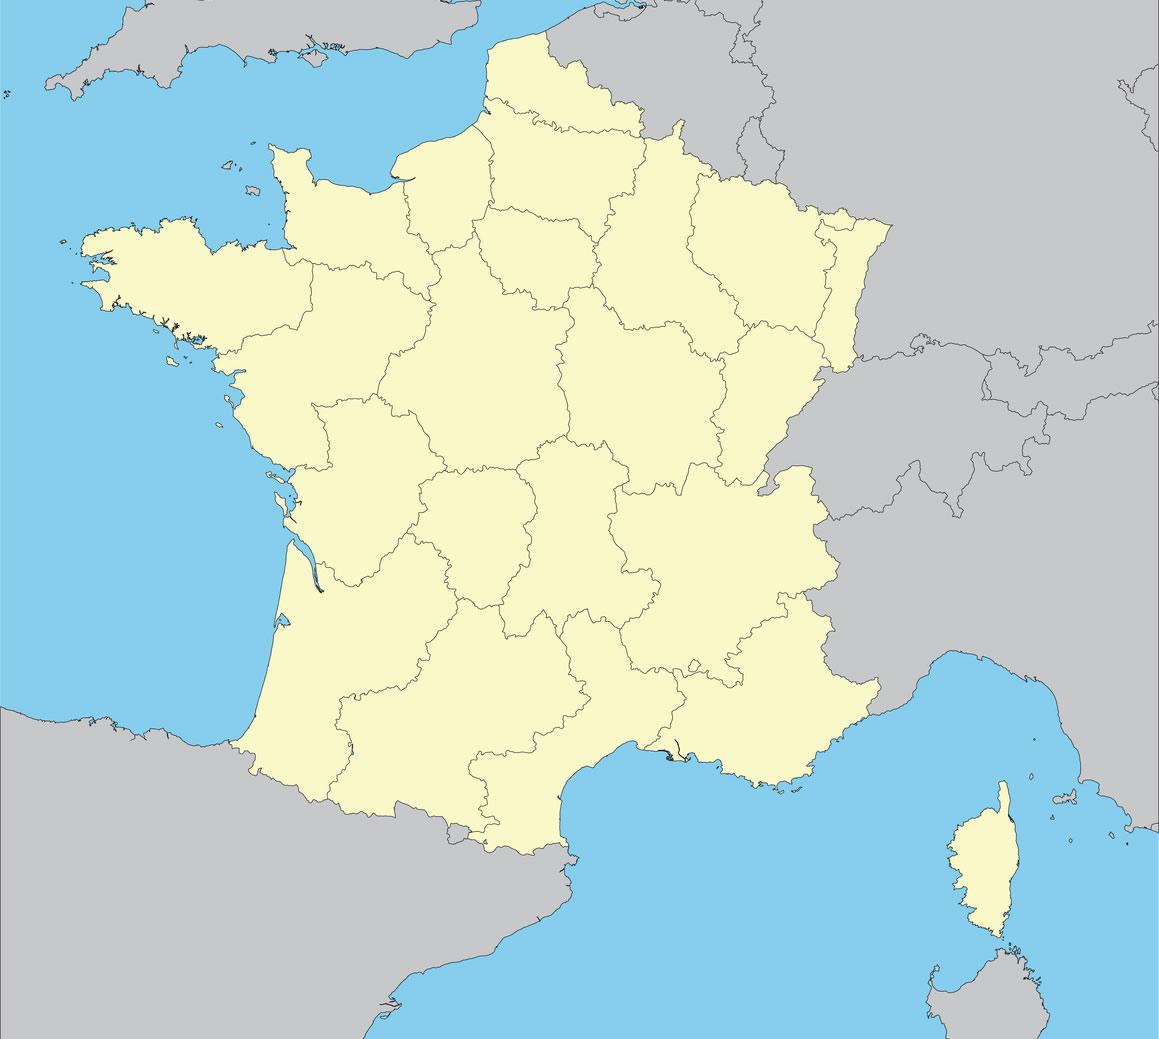 Tratado de los Pirineos